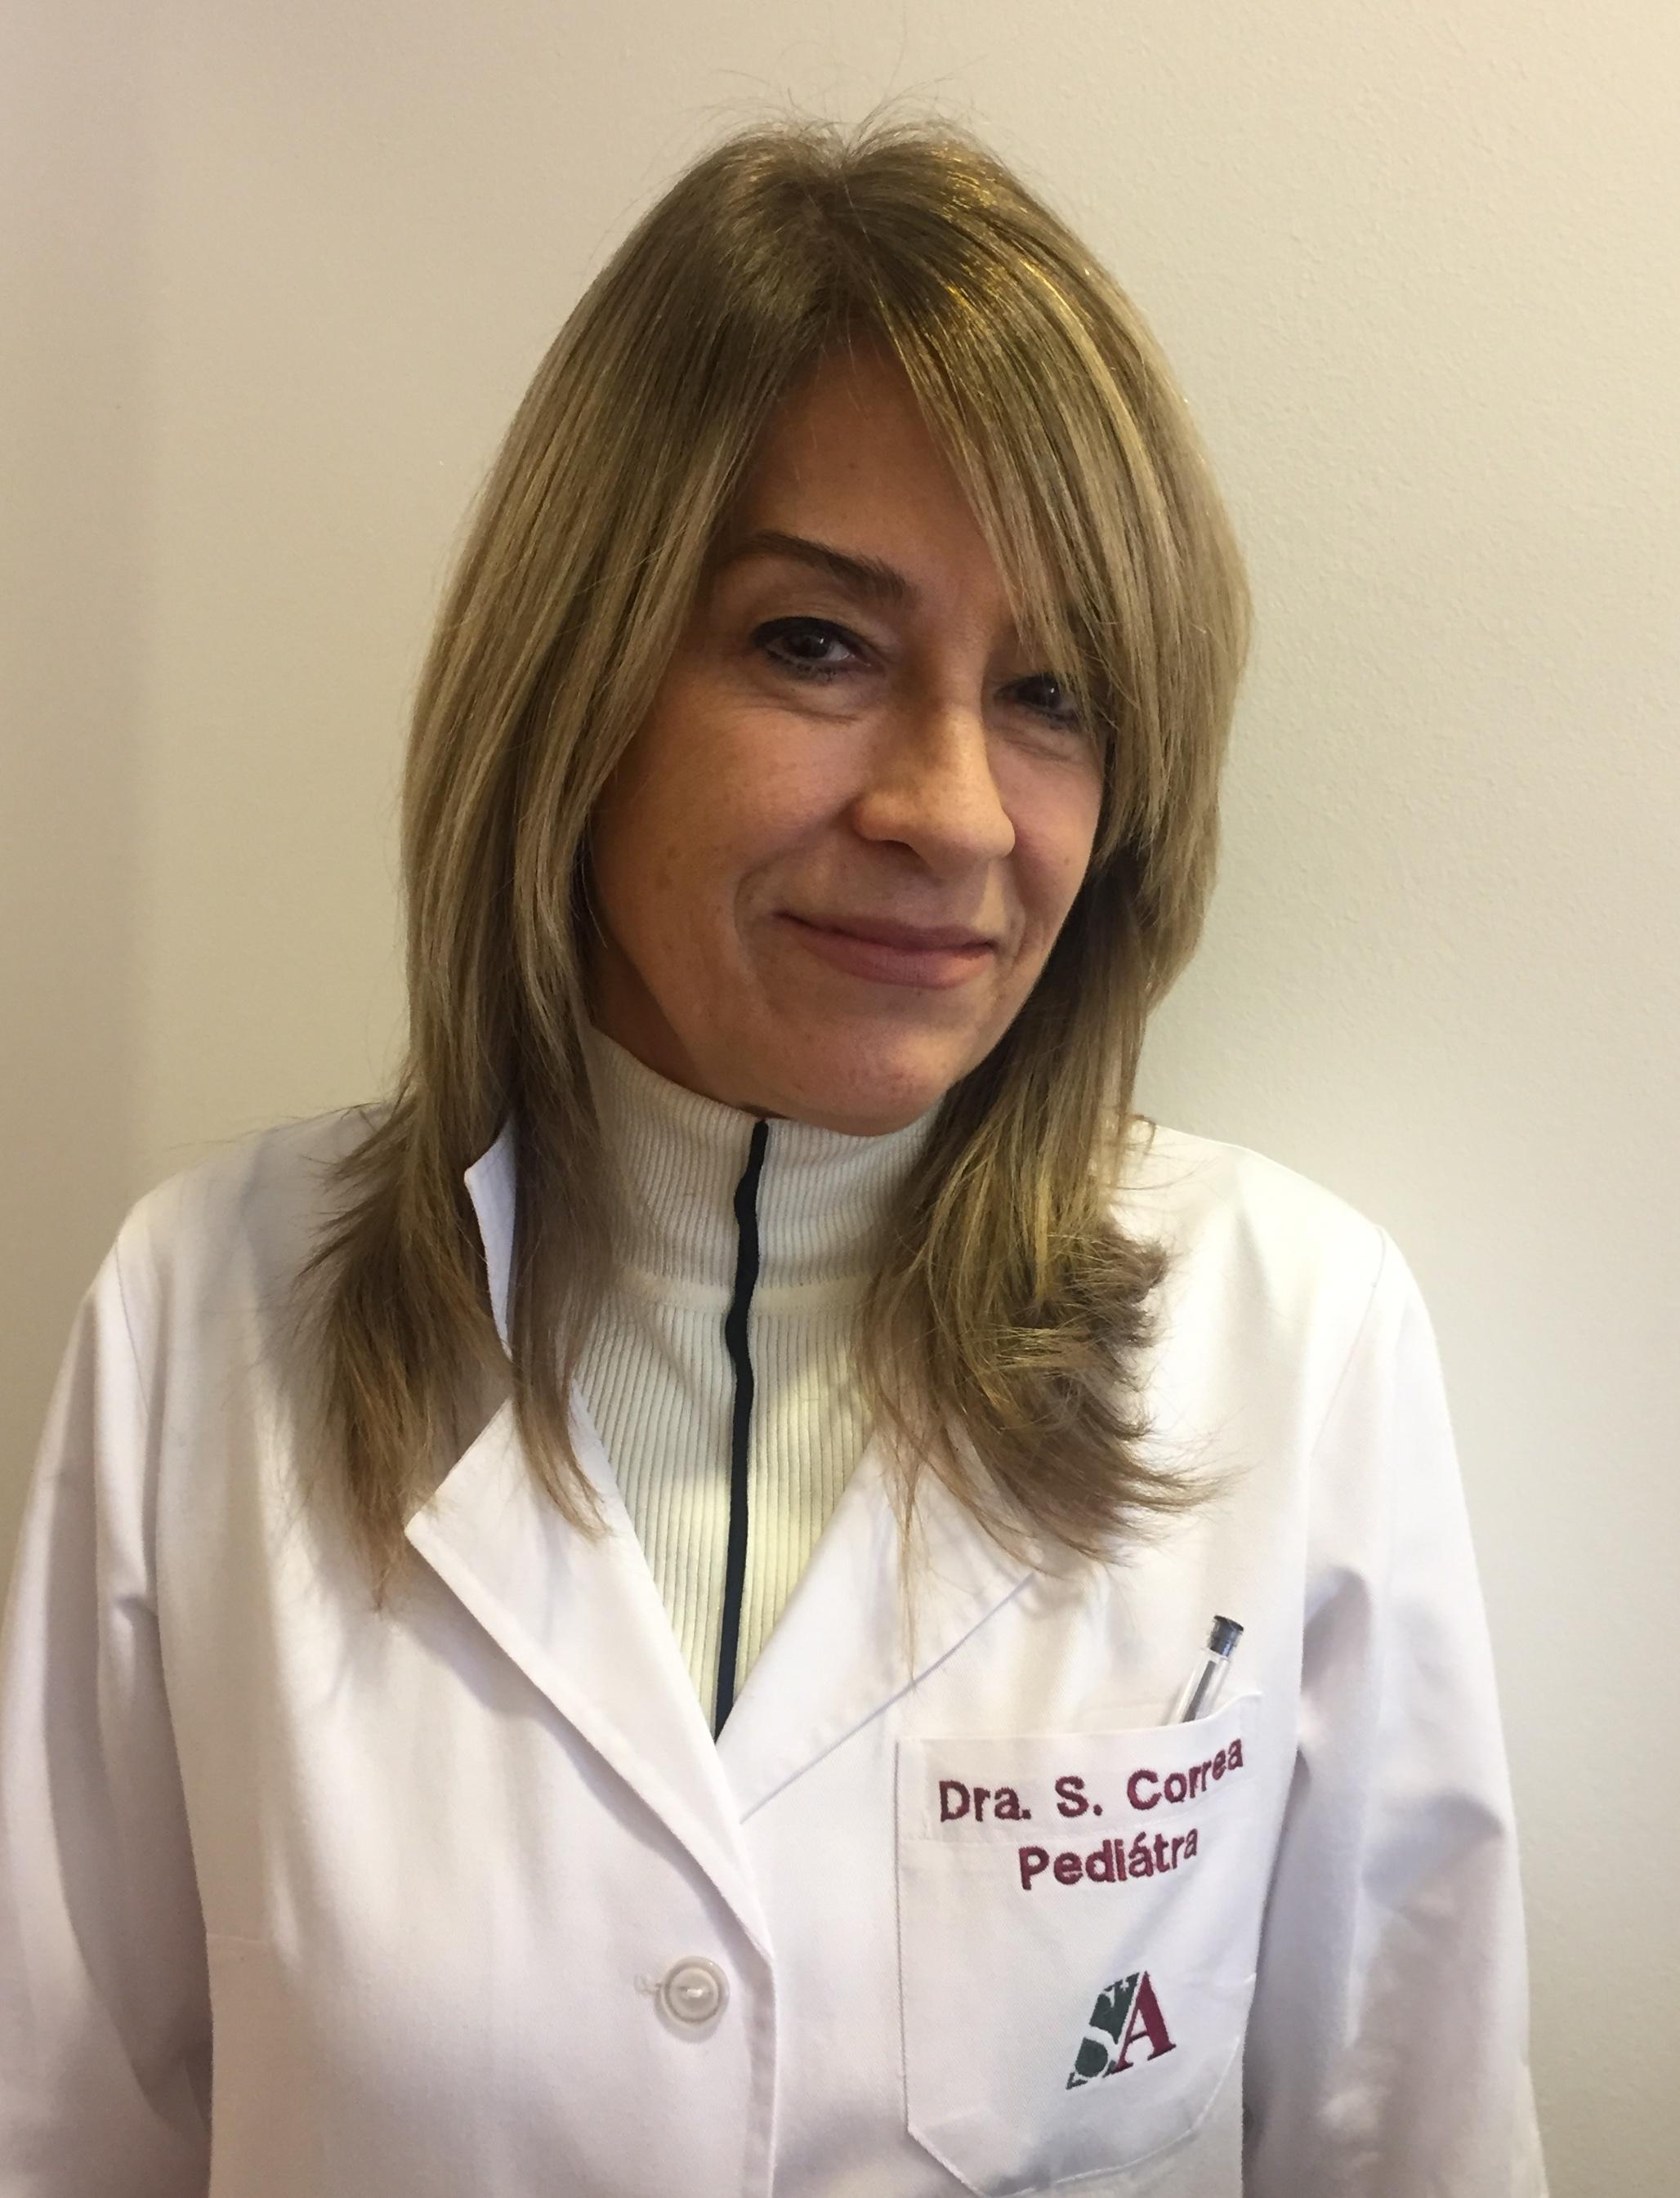 Dra. Correa Susana